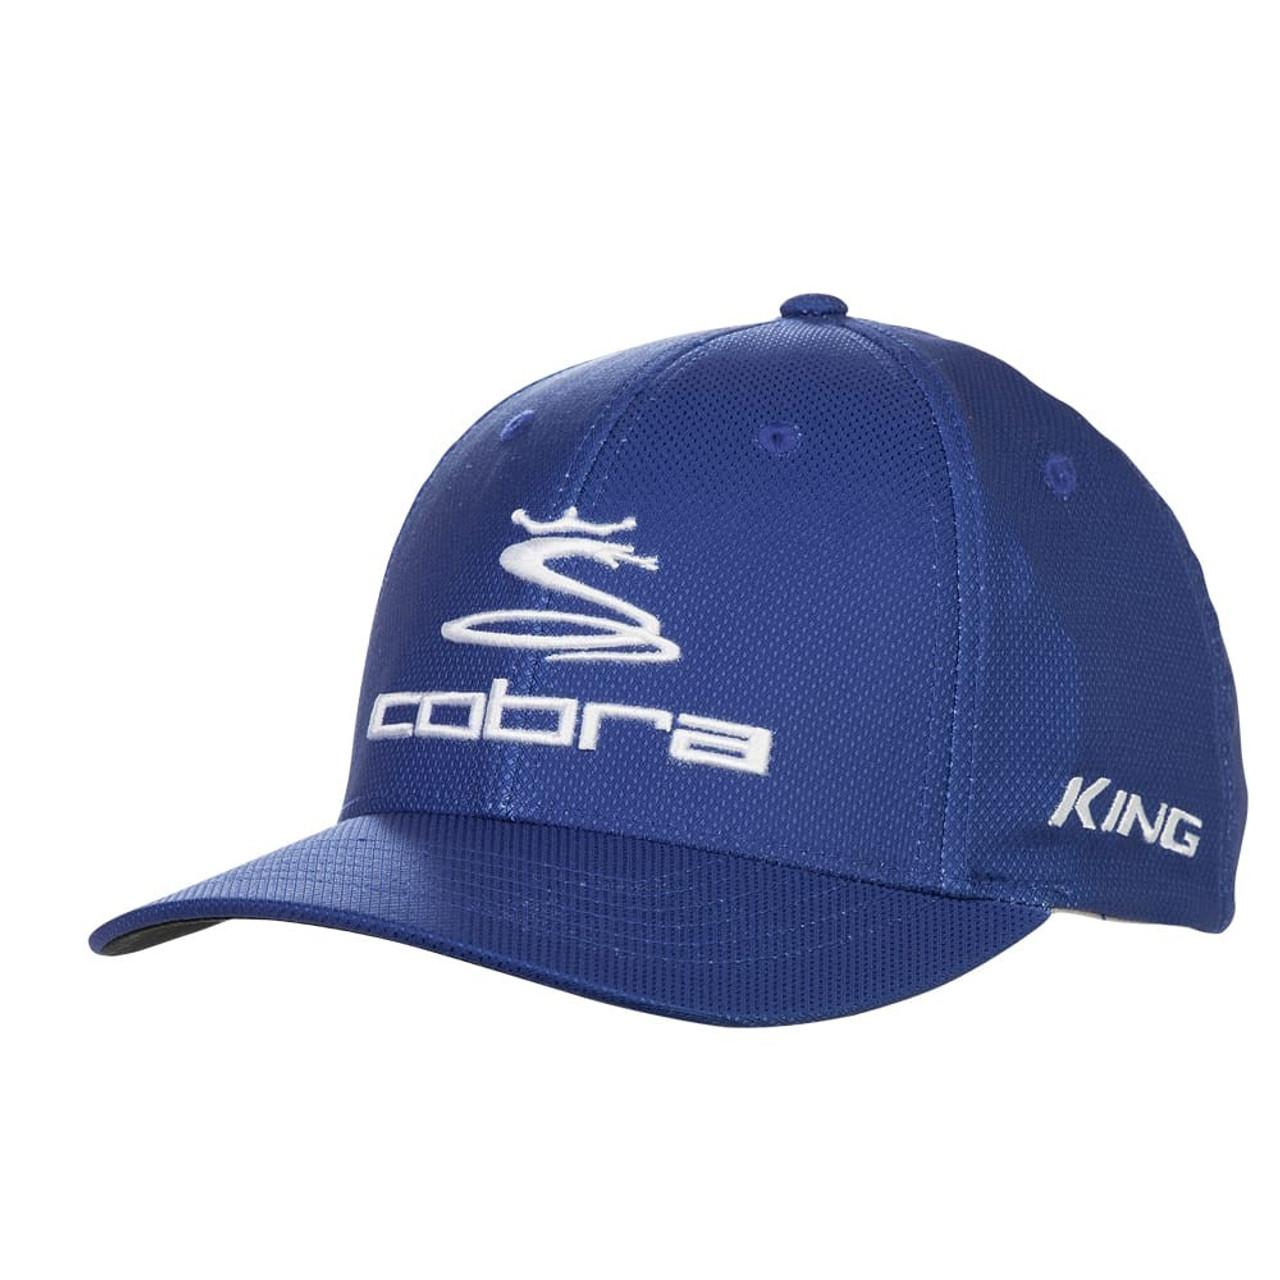 Cobra Pro Tour Stretch Fit Cap- Surf The Web